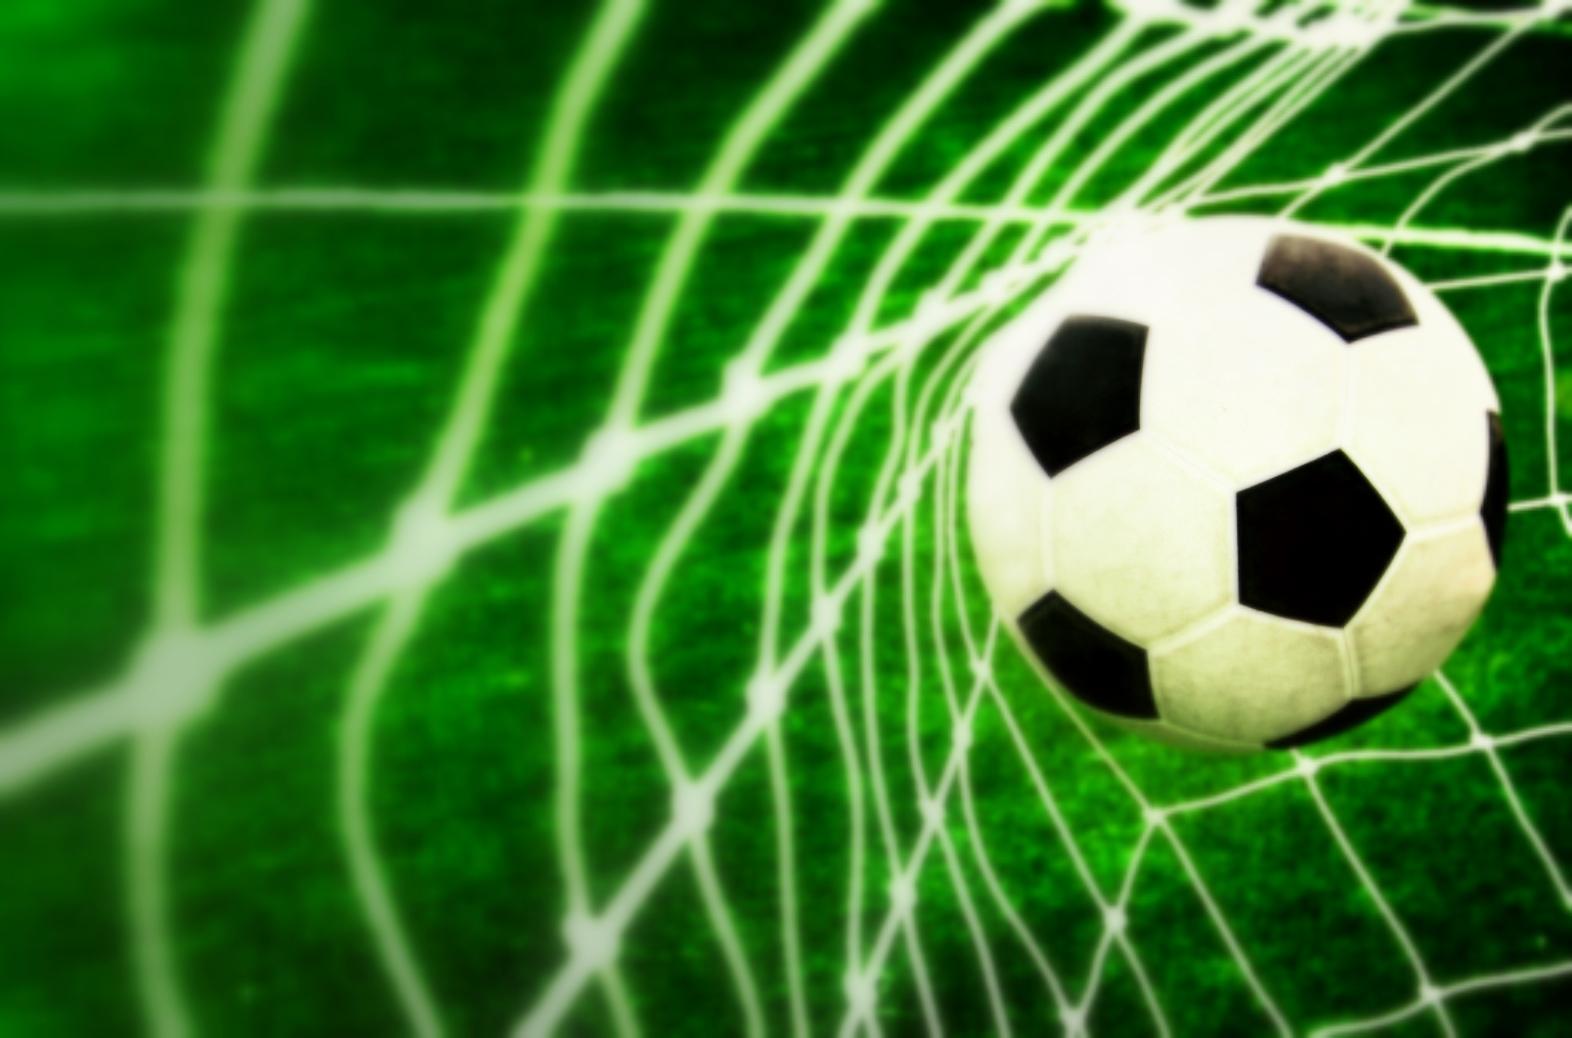 Casa de apuestas de futbol online Novomatic - 84590